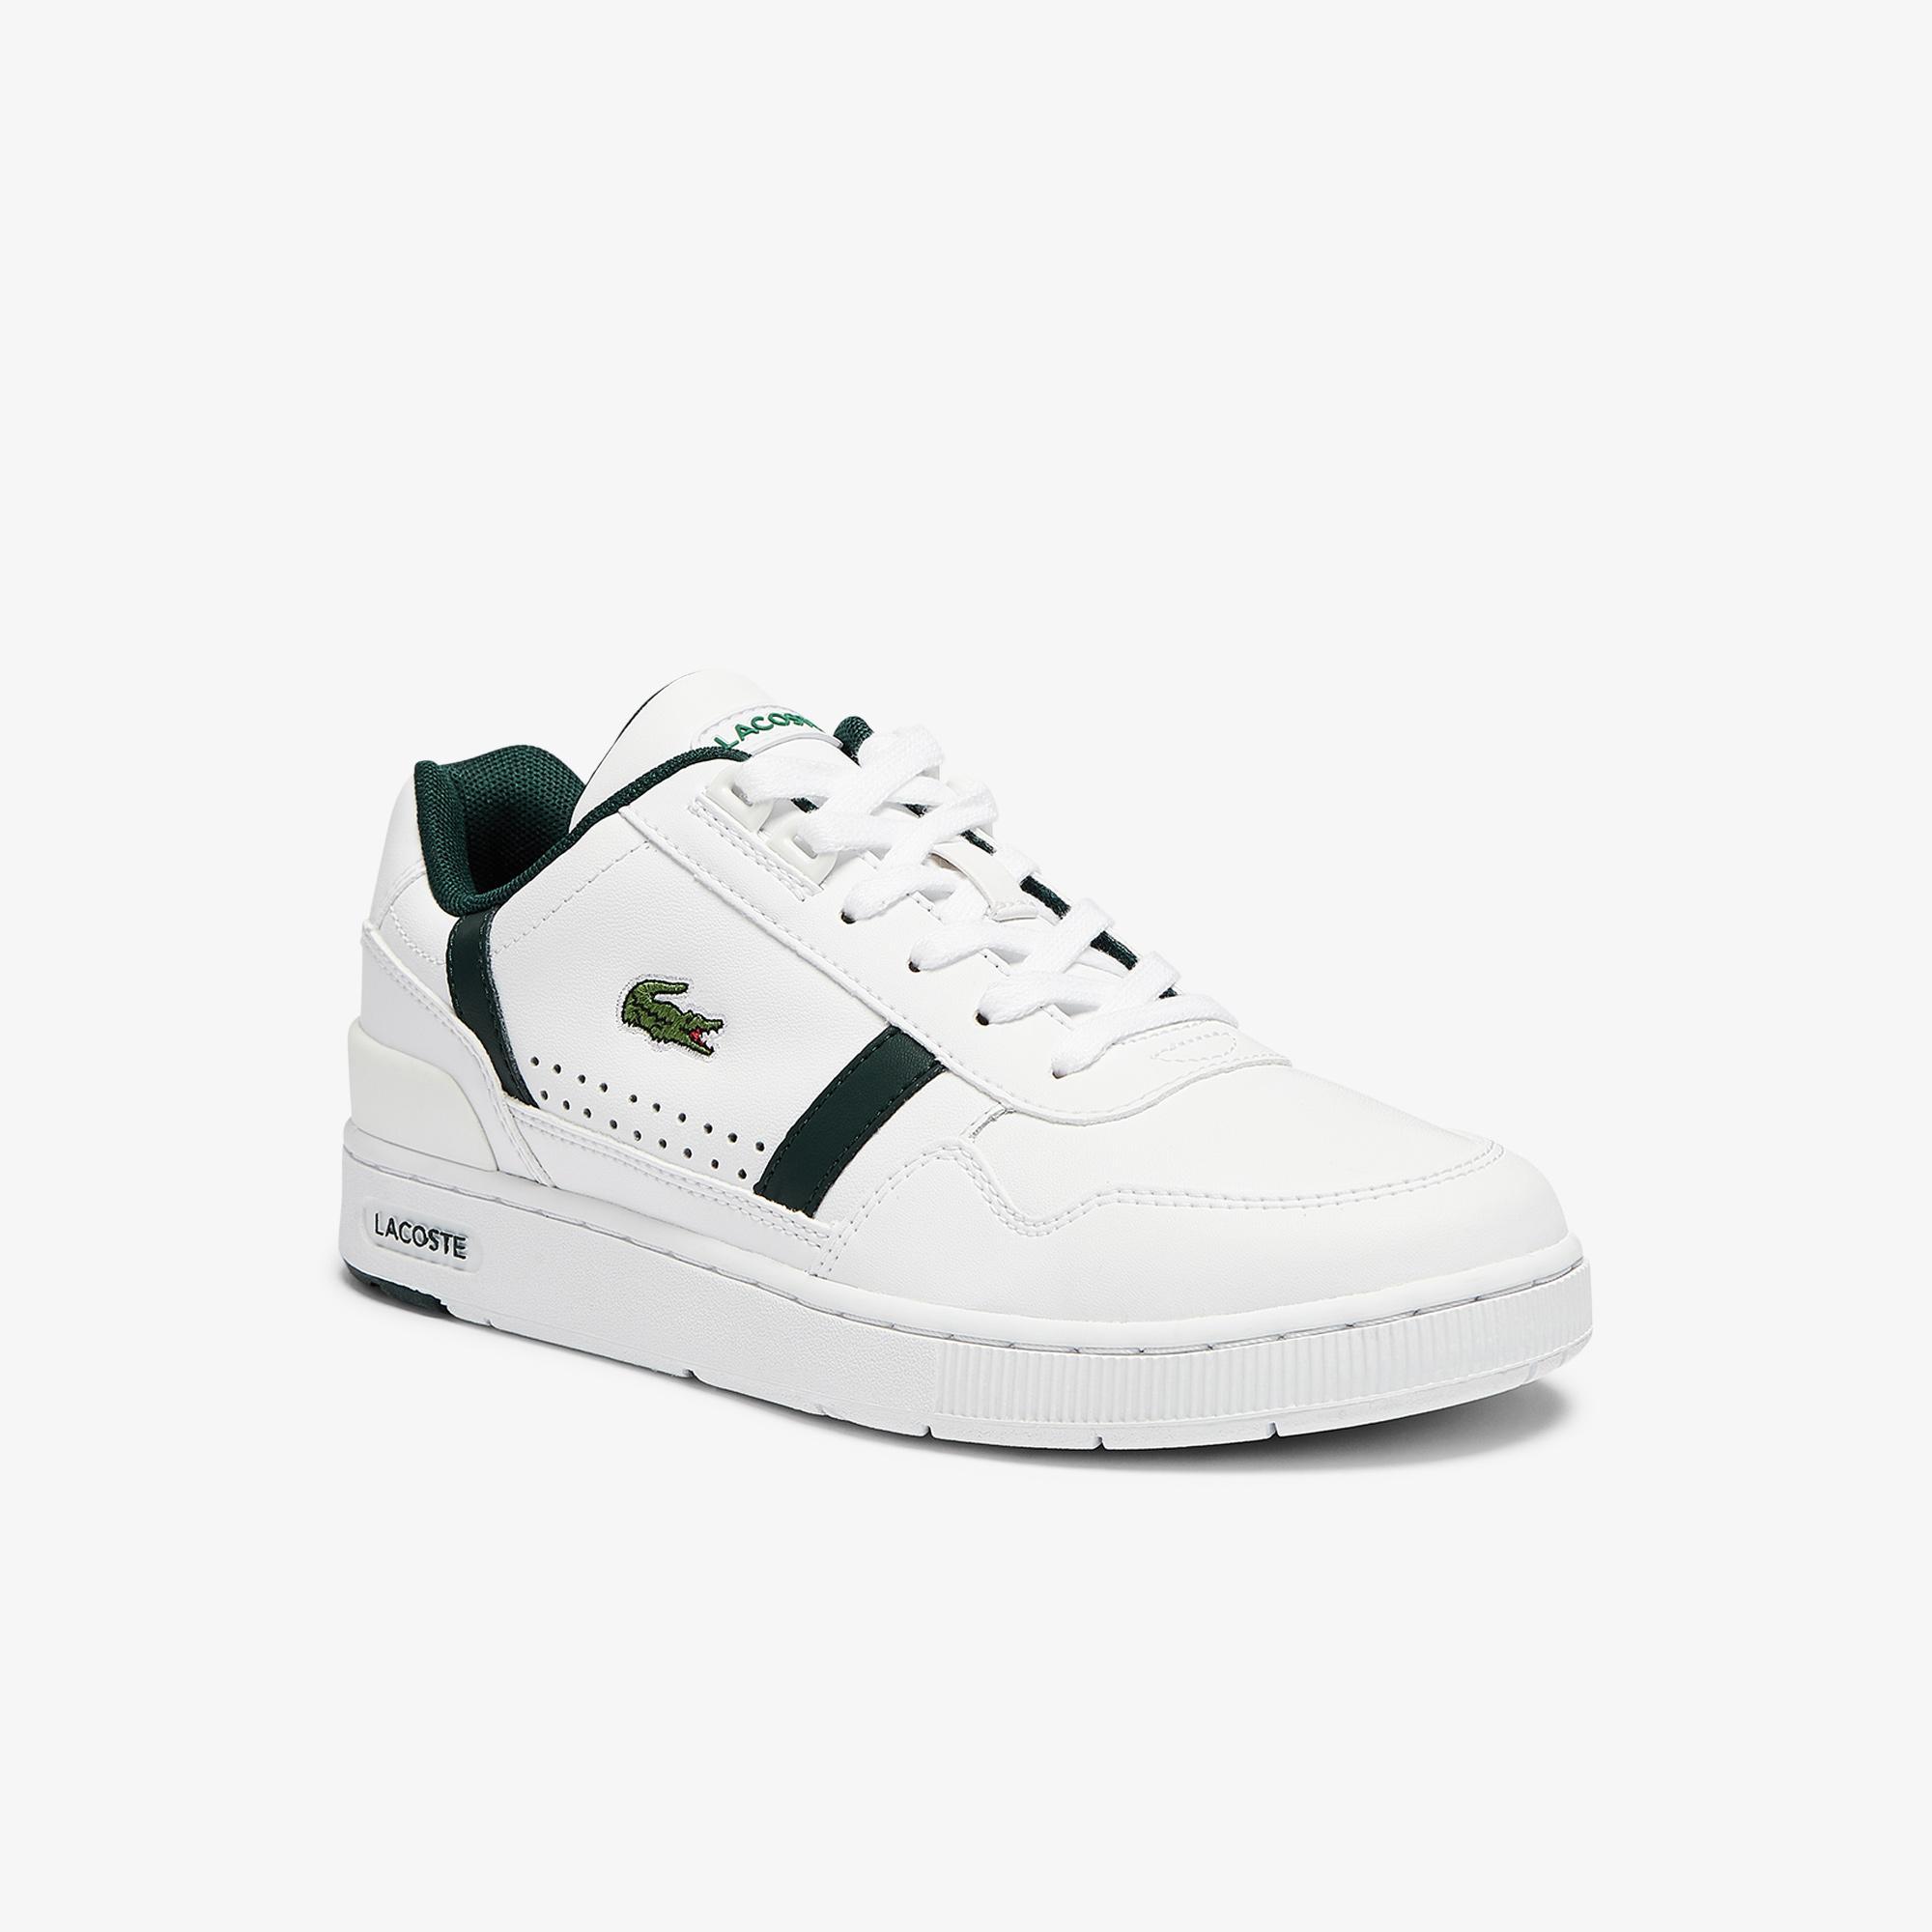 Lacoste Women's T-Clıp 0721 2 Sfa Shoes